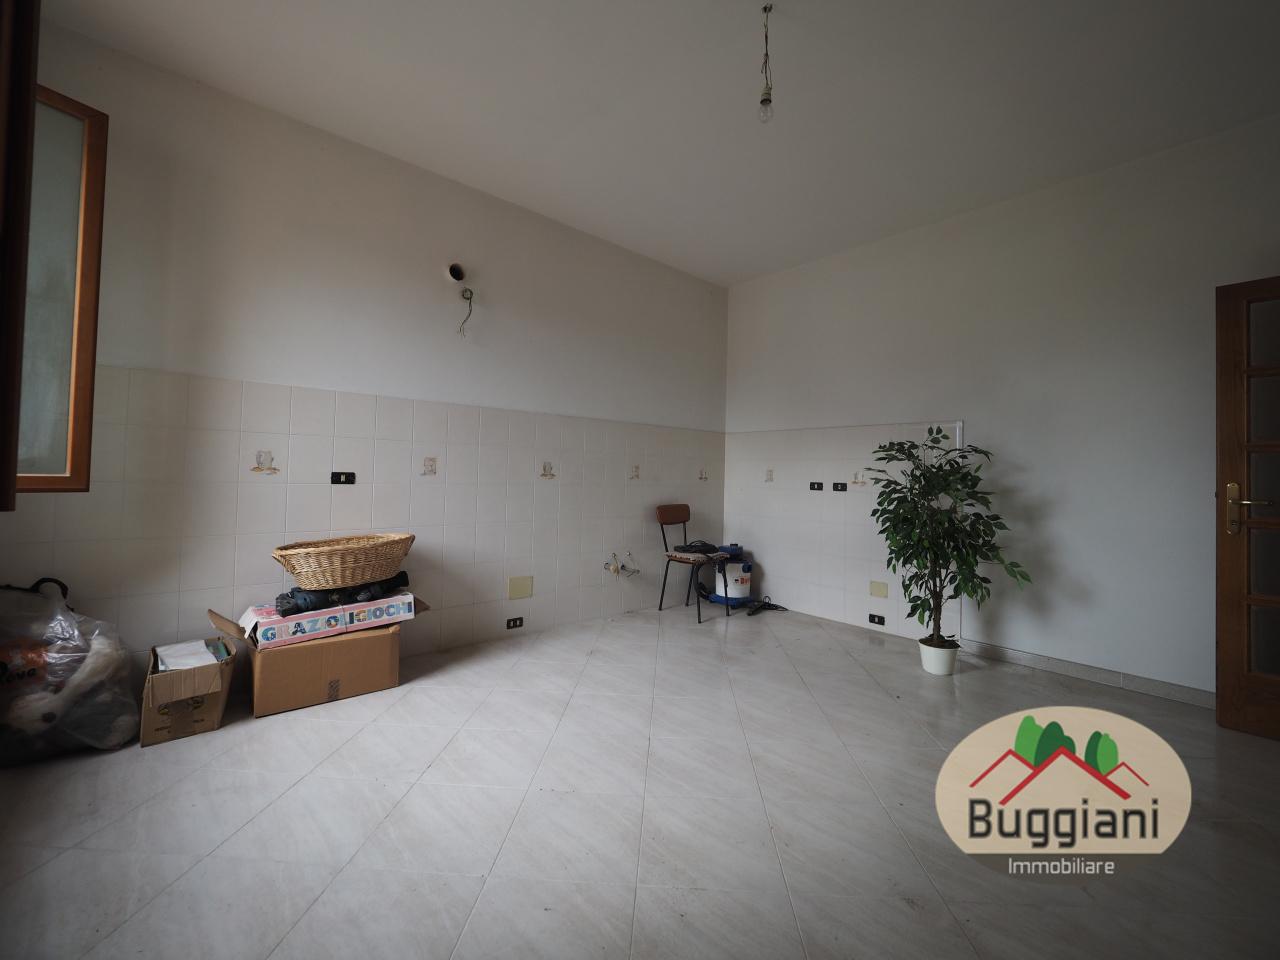 Appartamento in vendita RIF. 2142, San Miniato (PI)